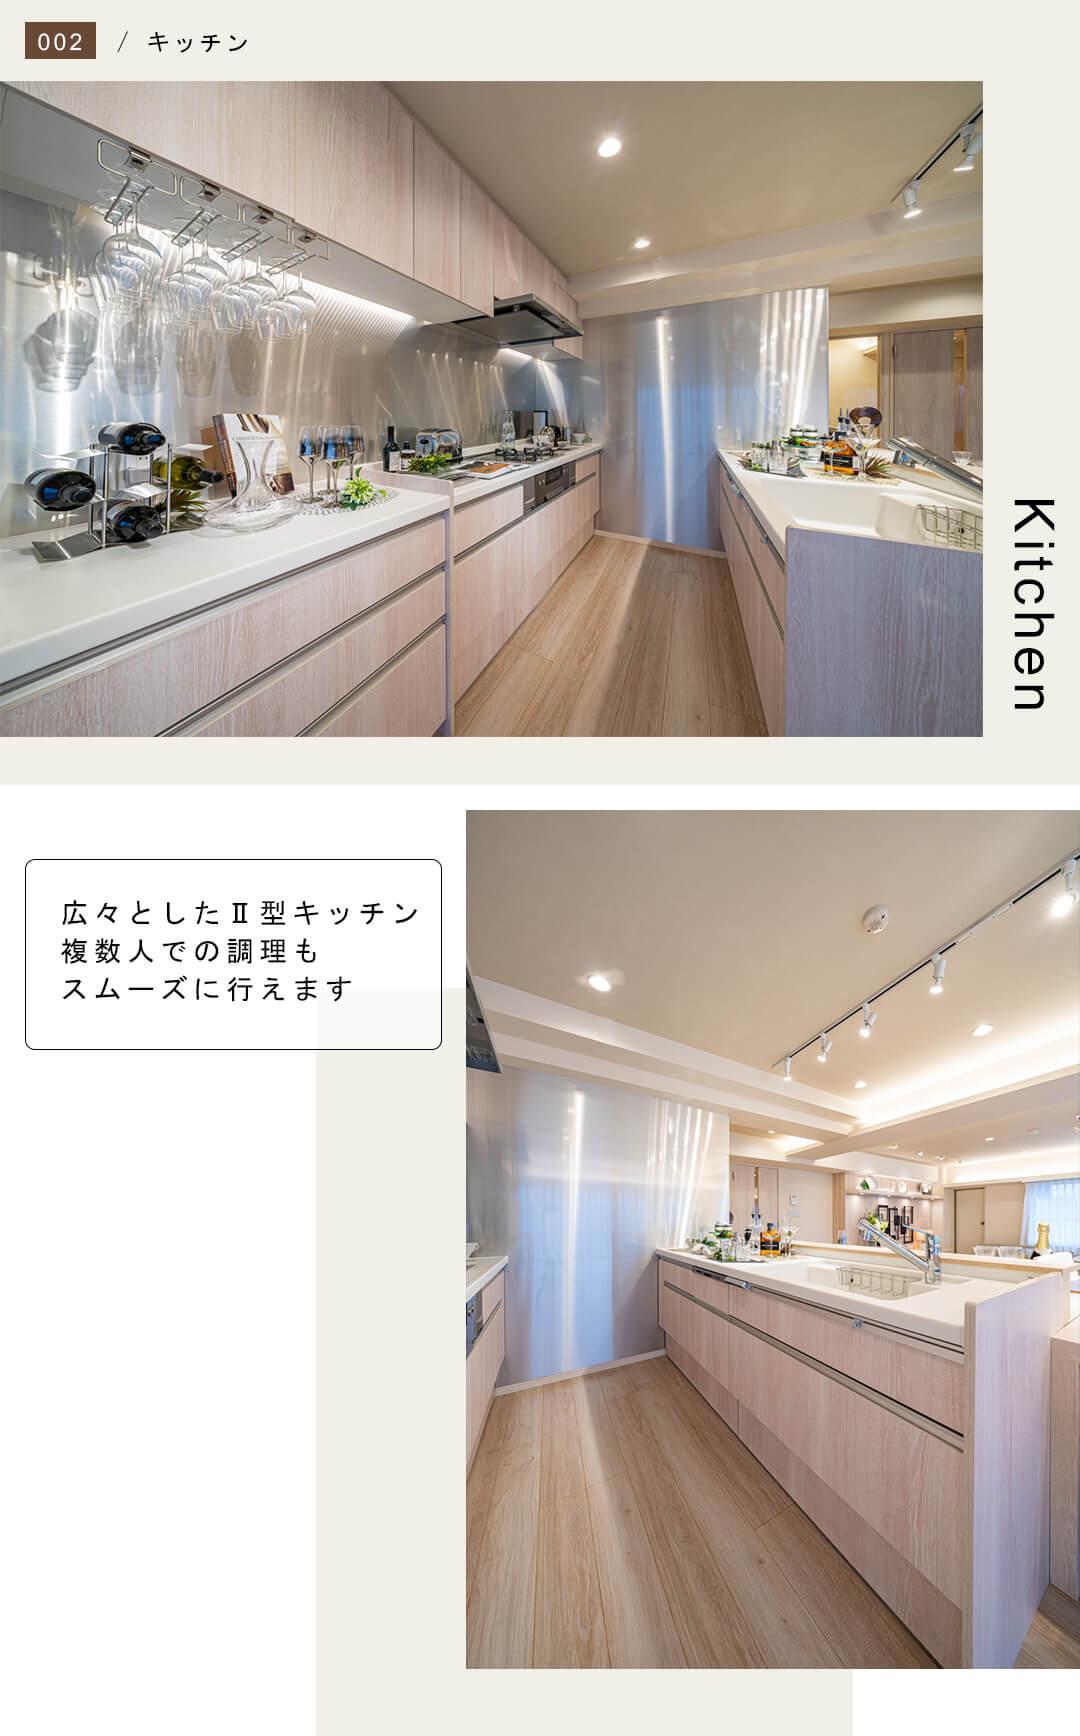 代官山マンションのキッチン